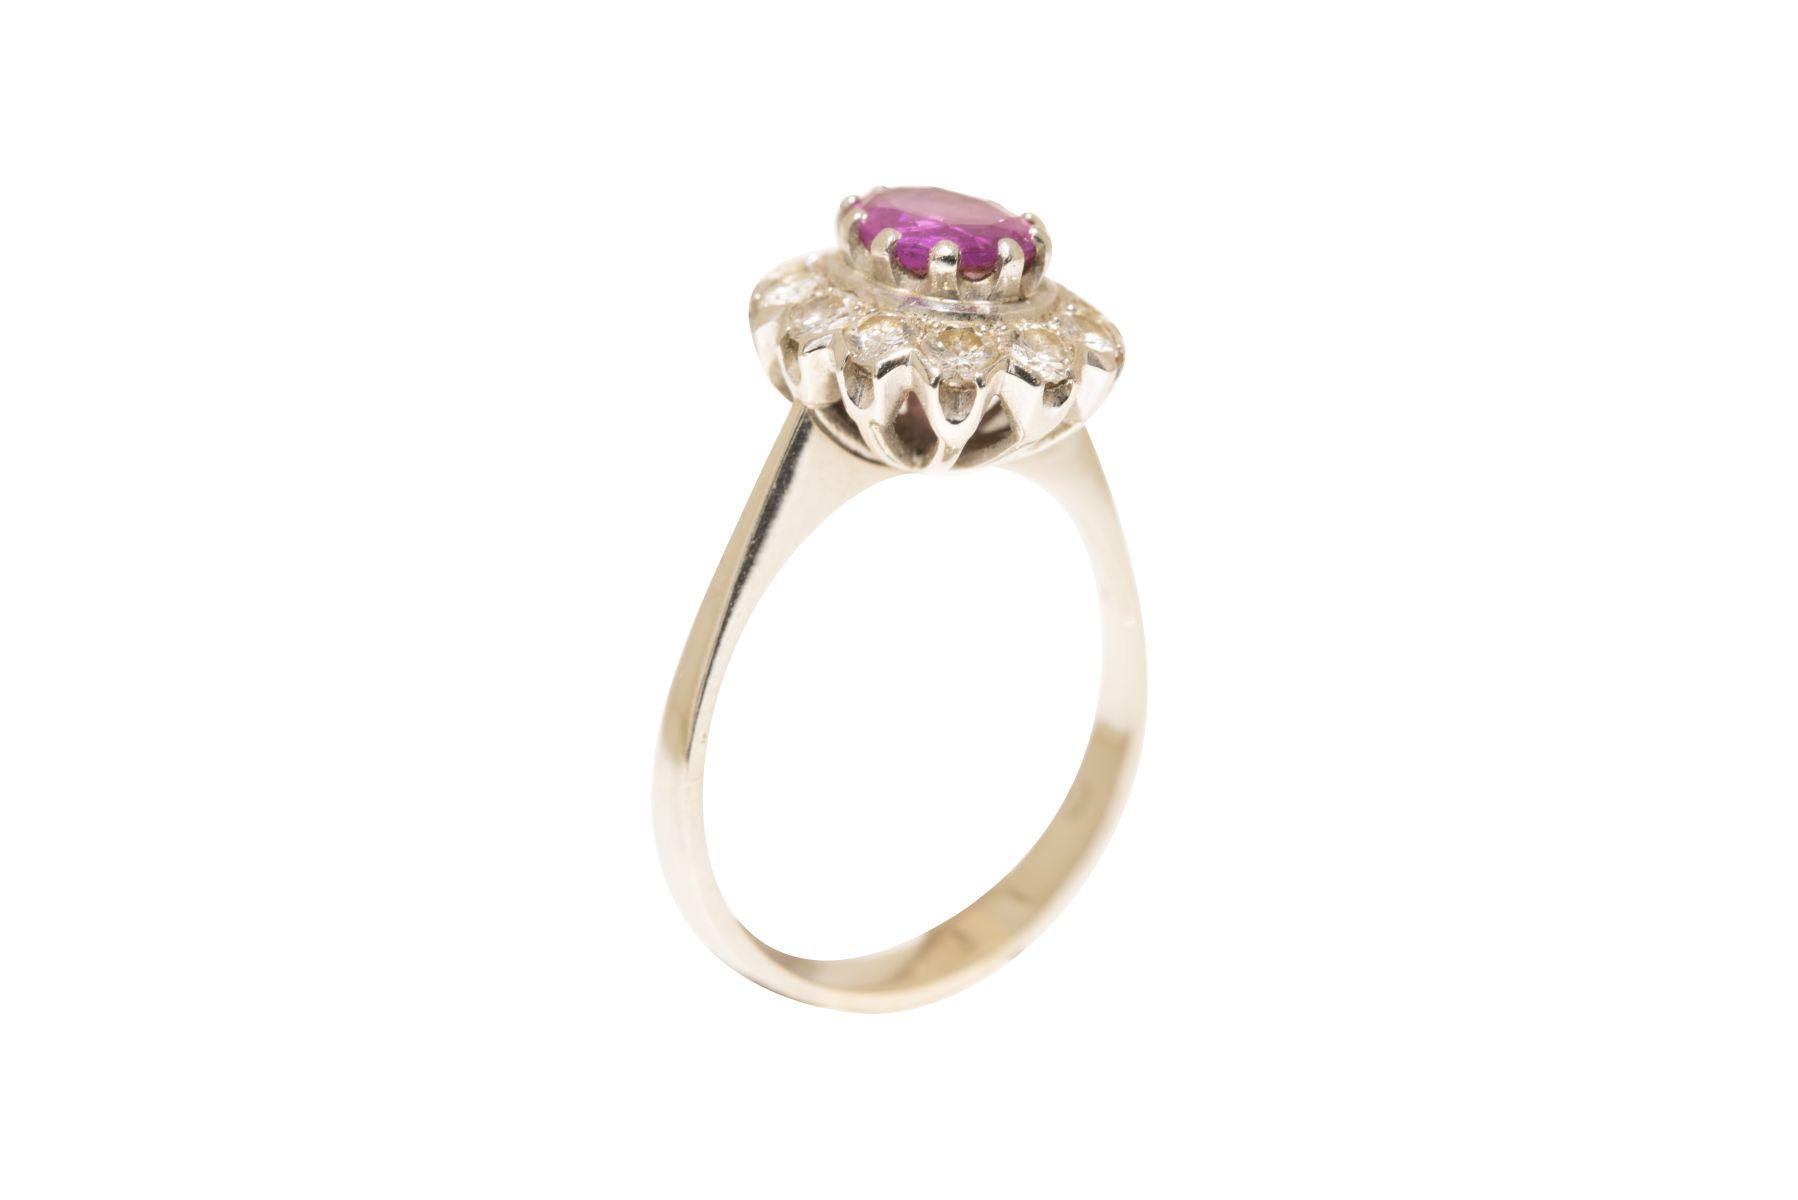 #214 Ring | Ring Image